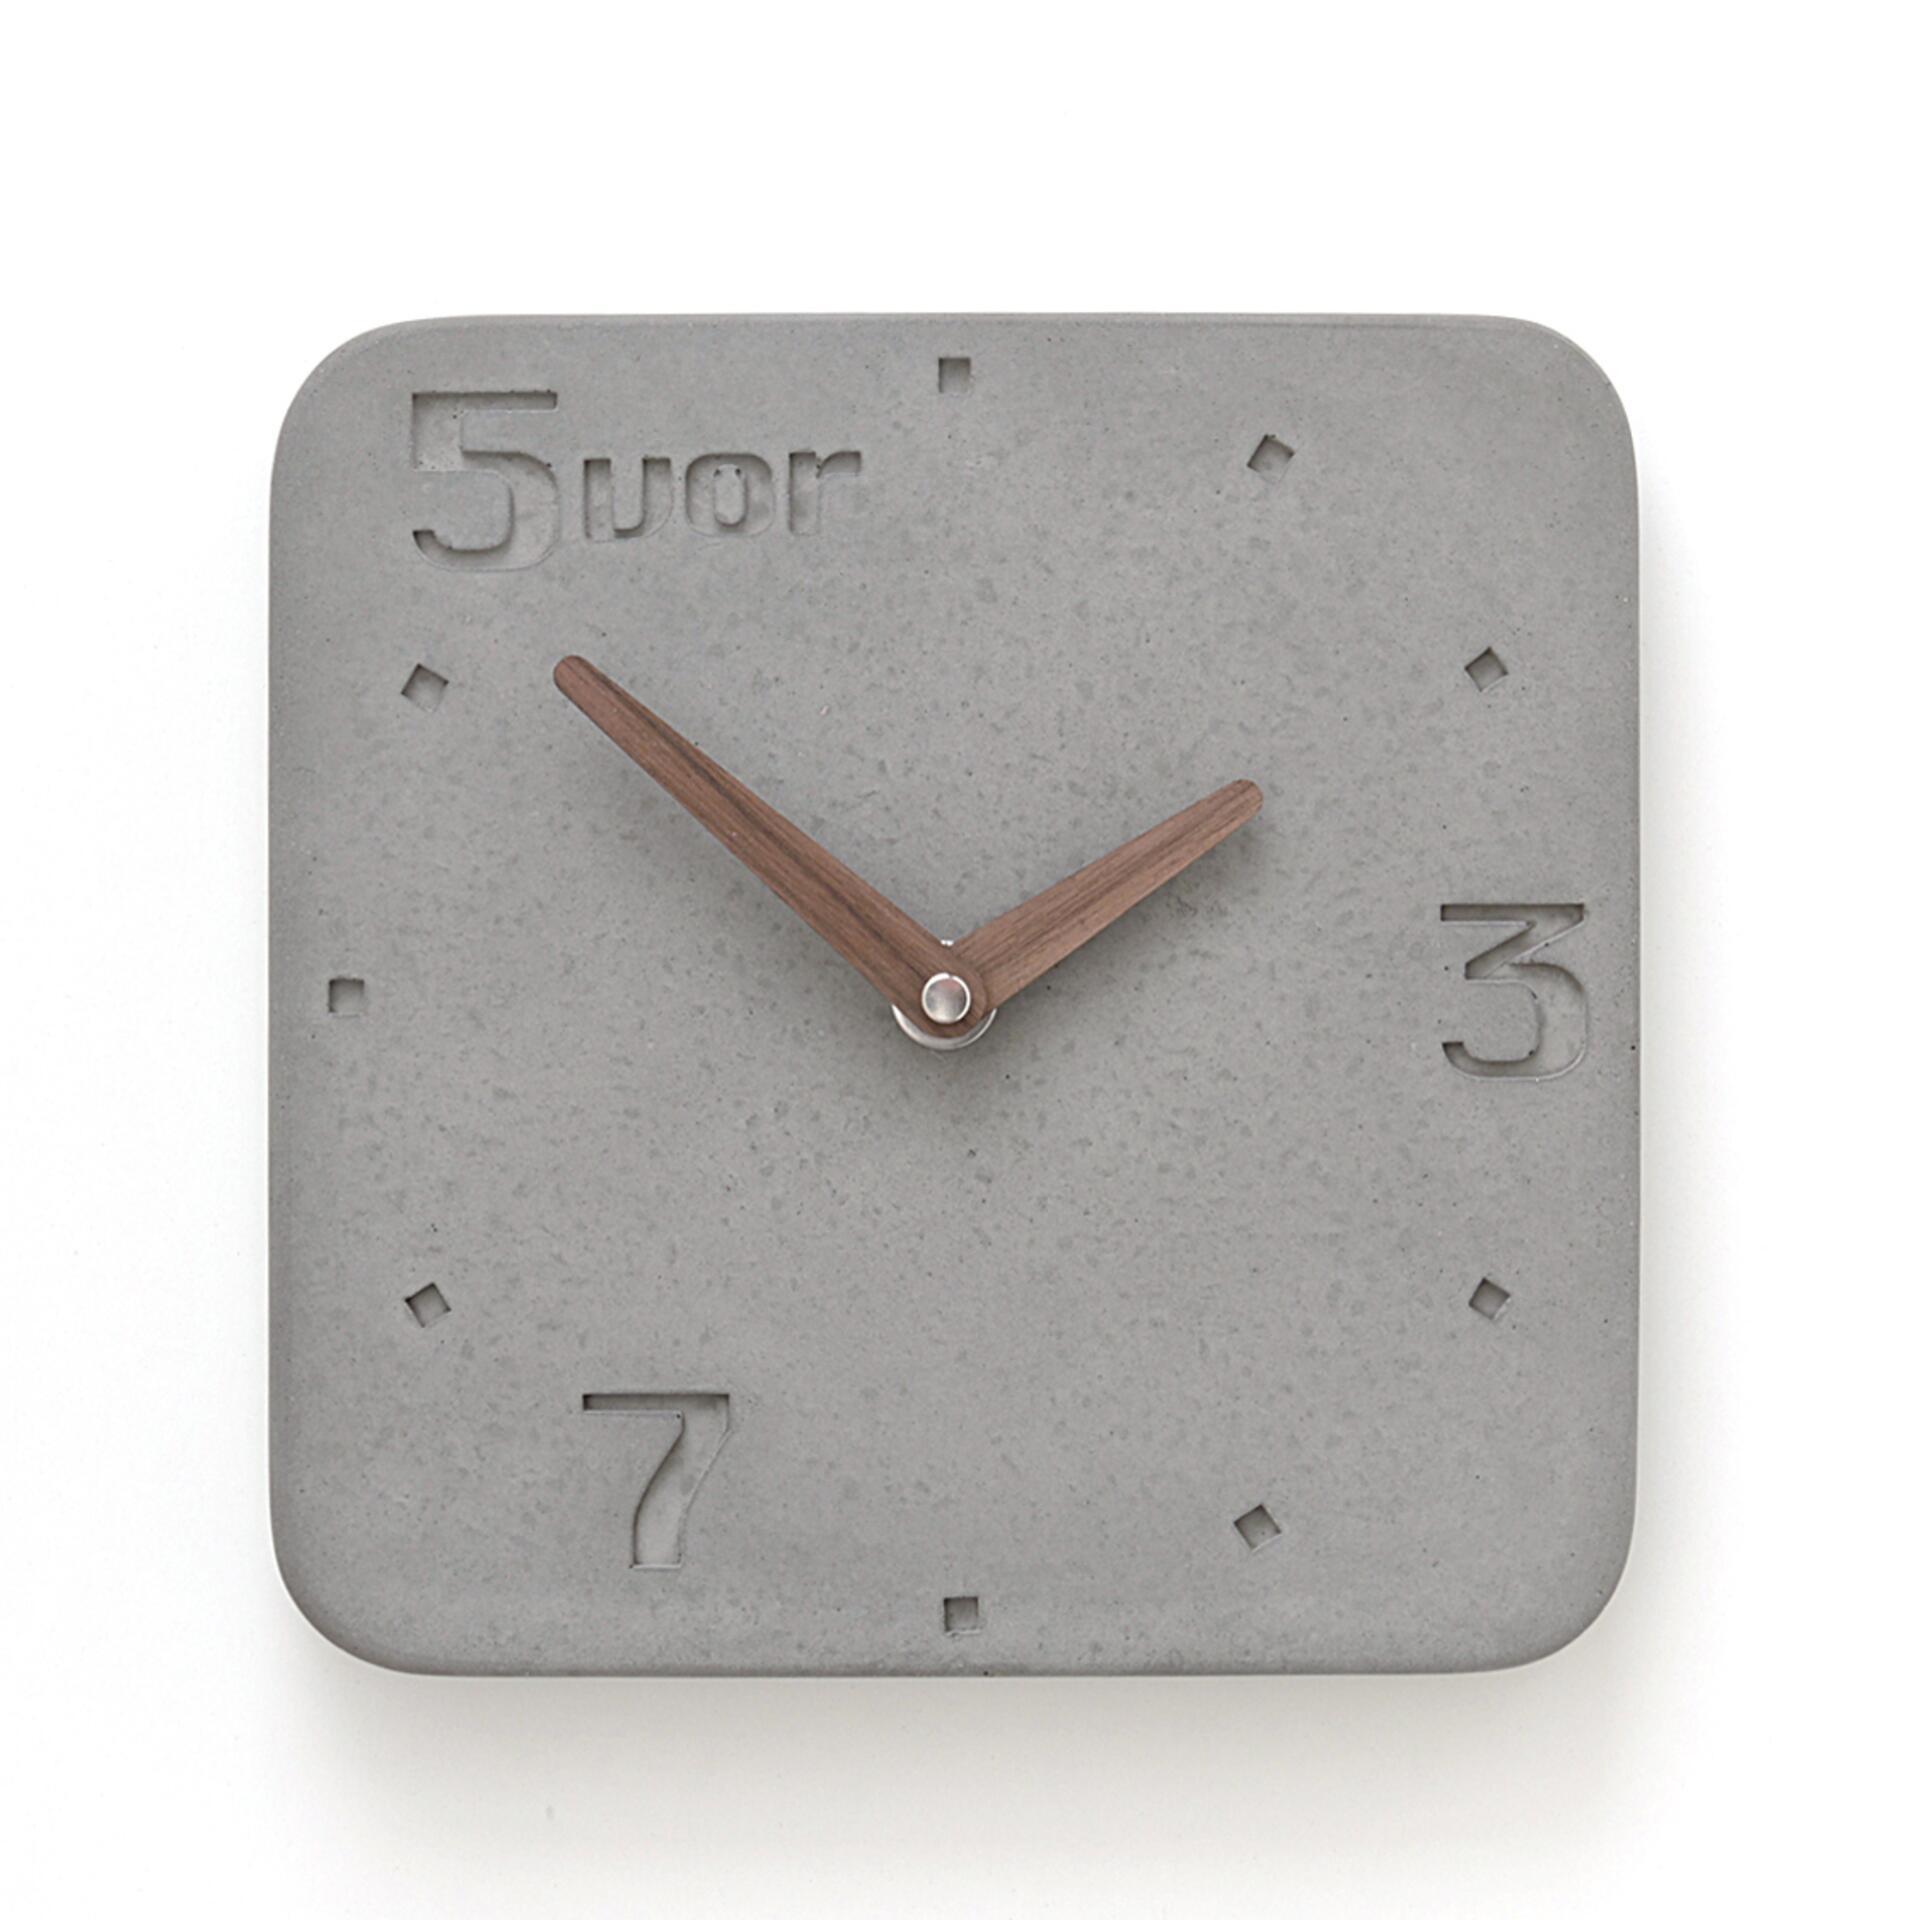 Wertwerke Betonuhr 5VOR Grau 38 x 38 cm Nussbaum Vollflächig